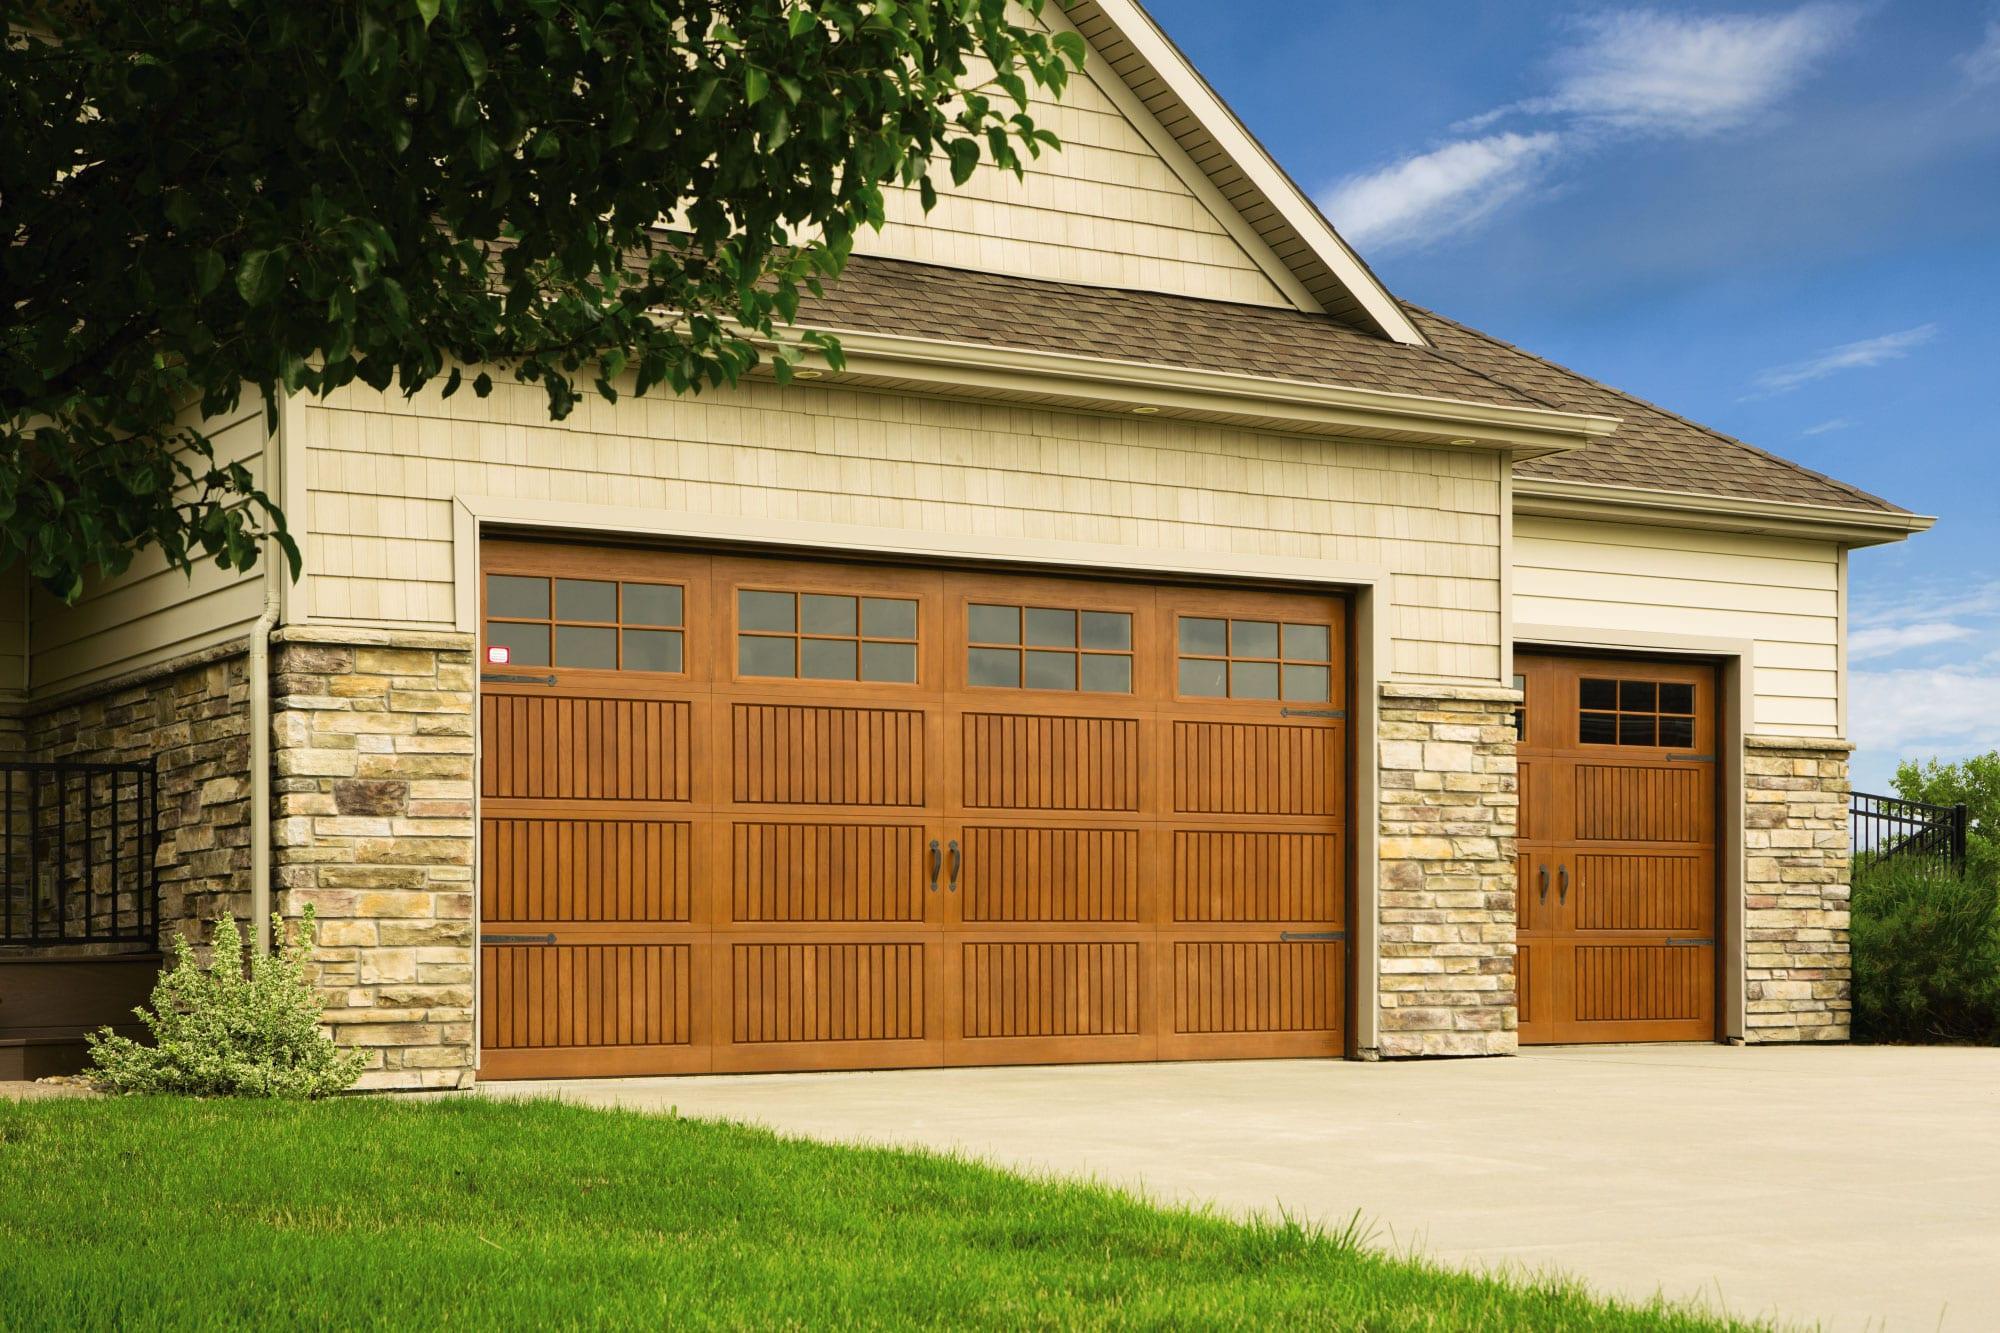 Garage Doors Jackson Overhead Door Jackson Tn Jackson Overhead Door